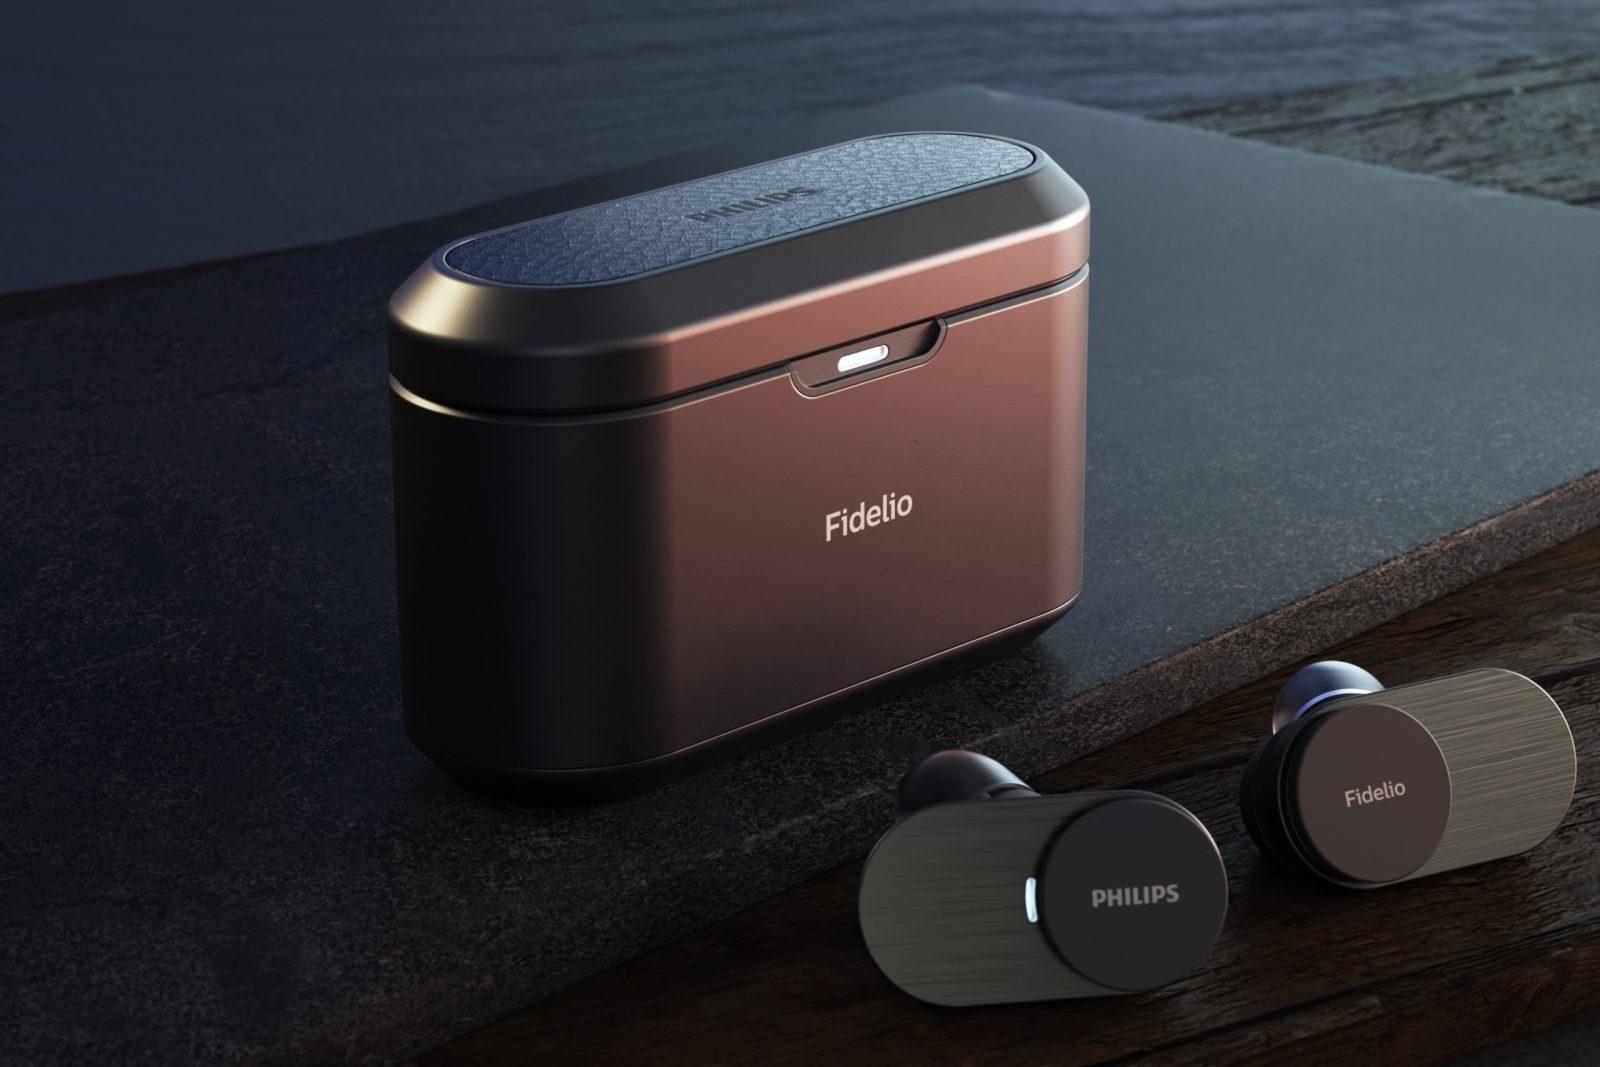 Philips выпускает премиальные TWS-наушники Fidelio T1 (t1 fidelio centric 3x2 rgb crop)